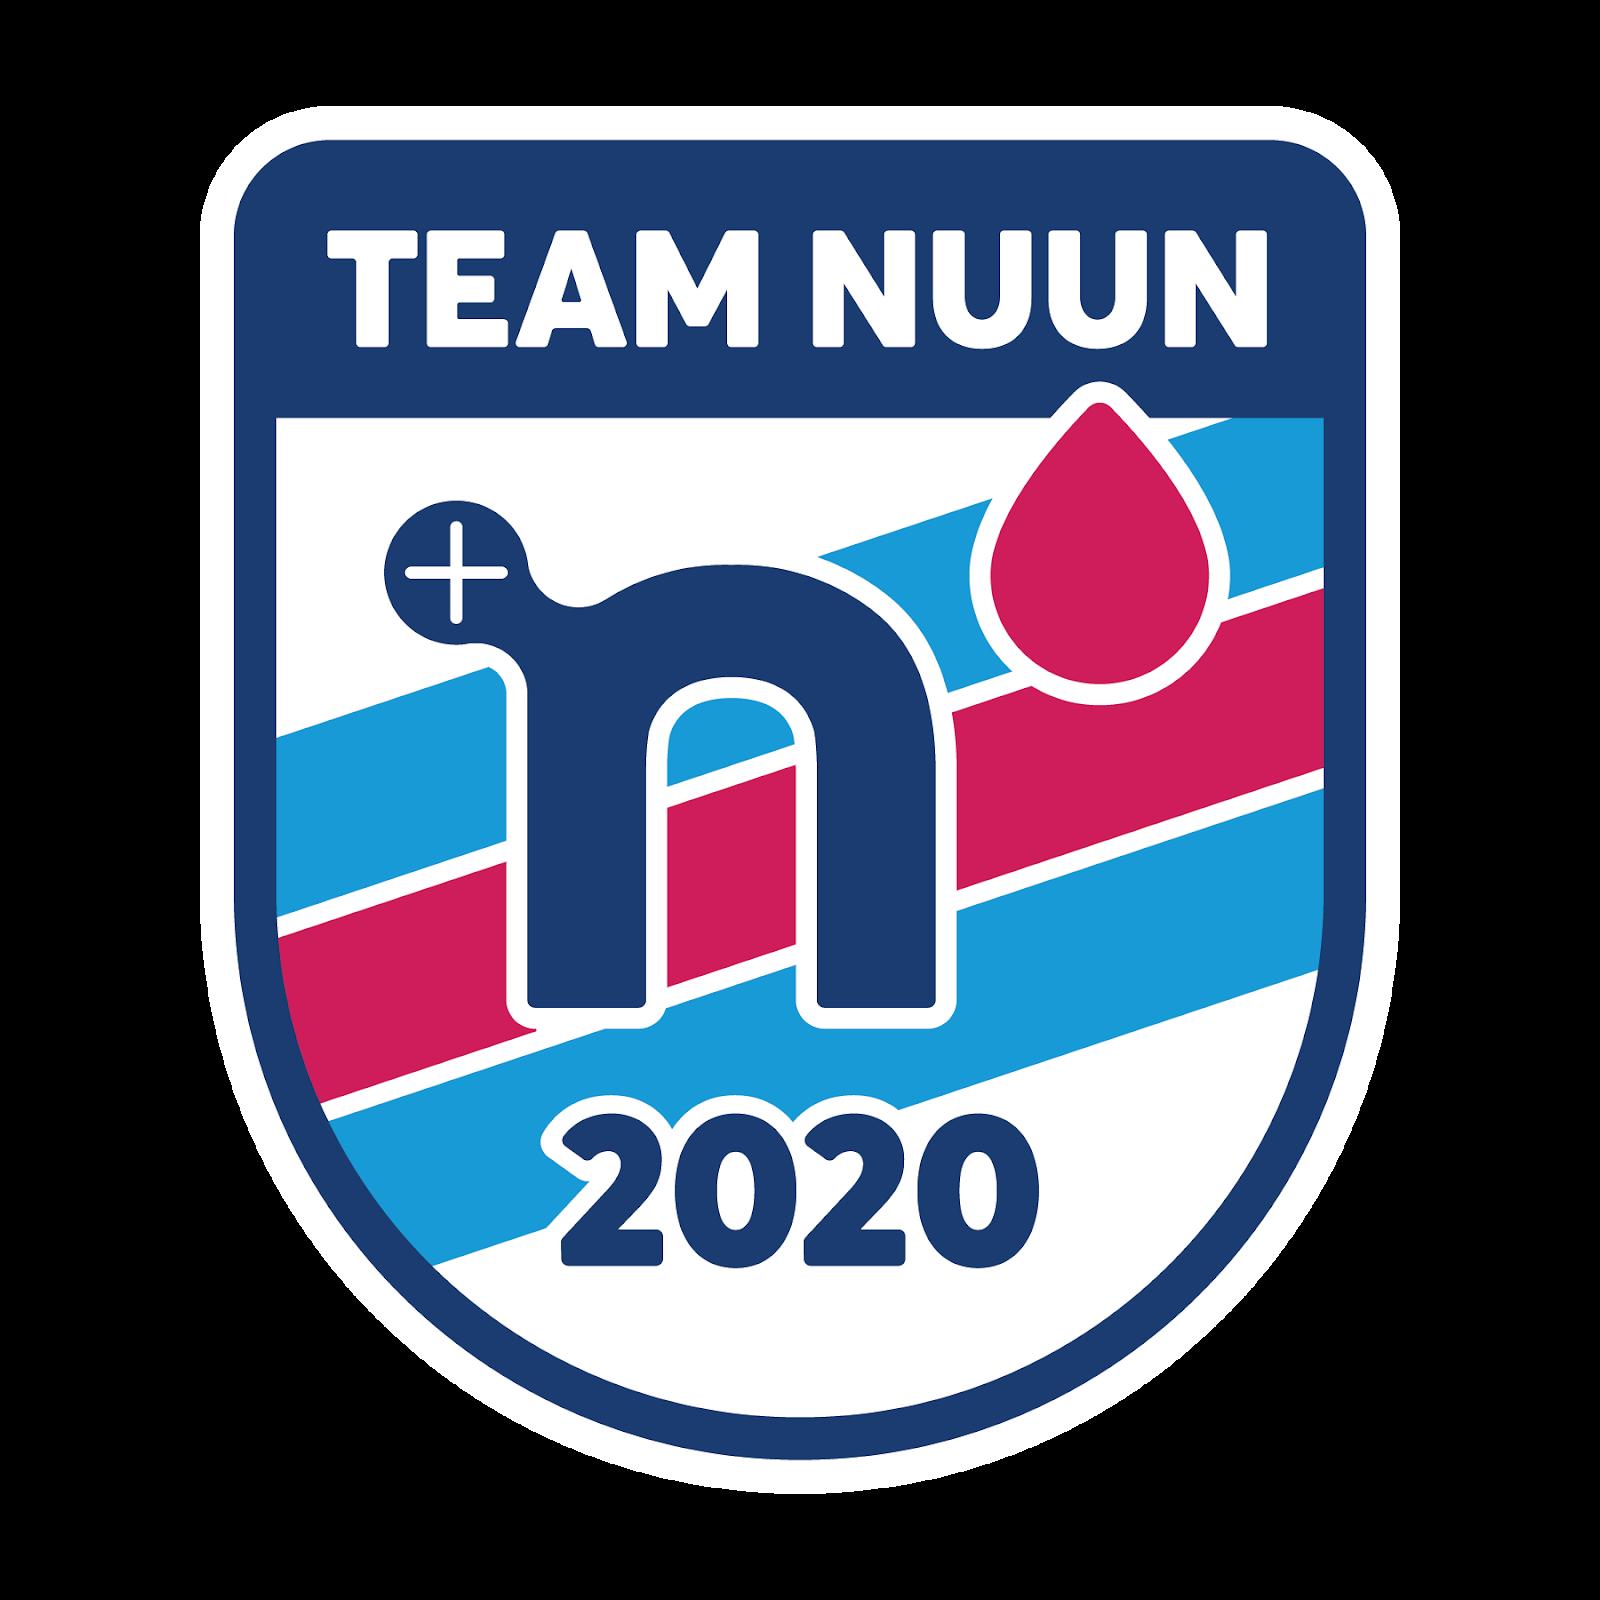 Team Nuun 2020